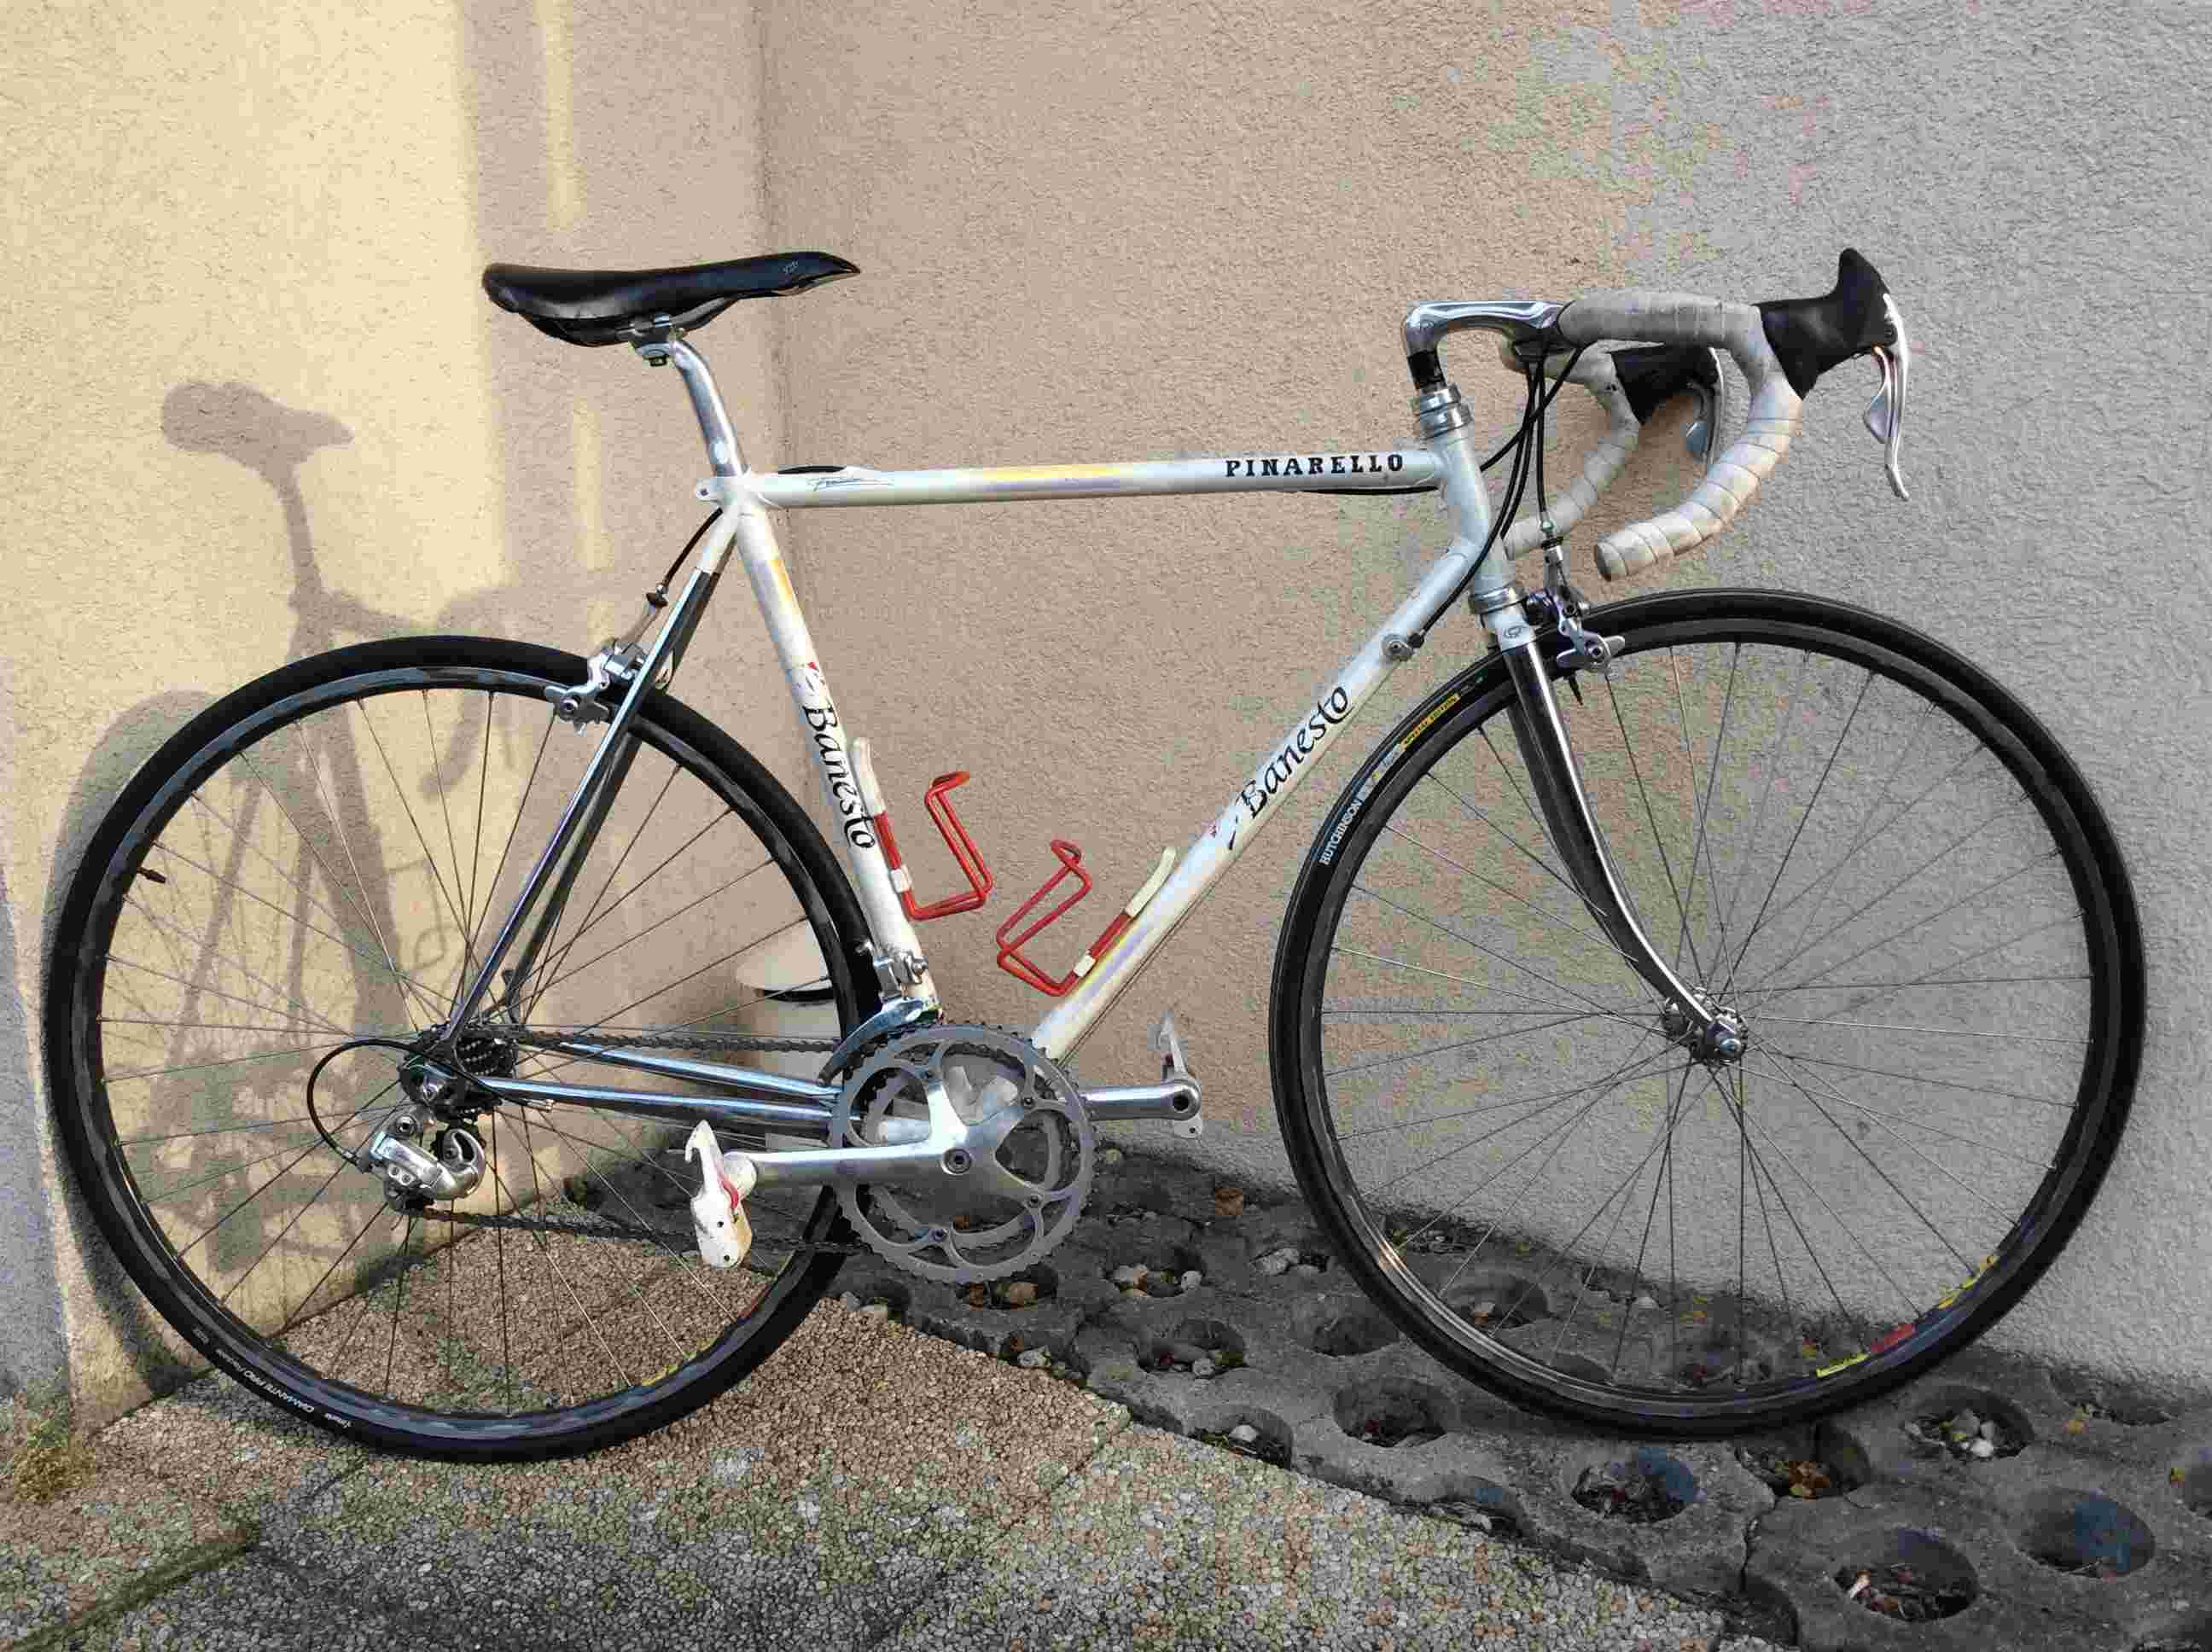 Pinarello Banesto Team 5fca5910